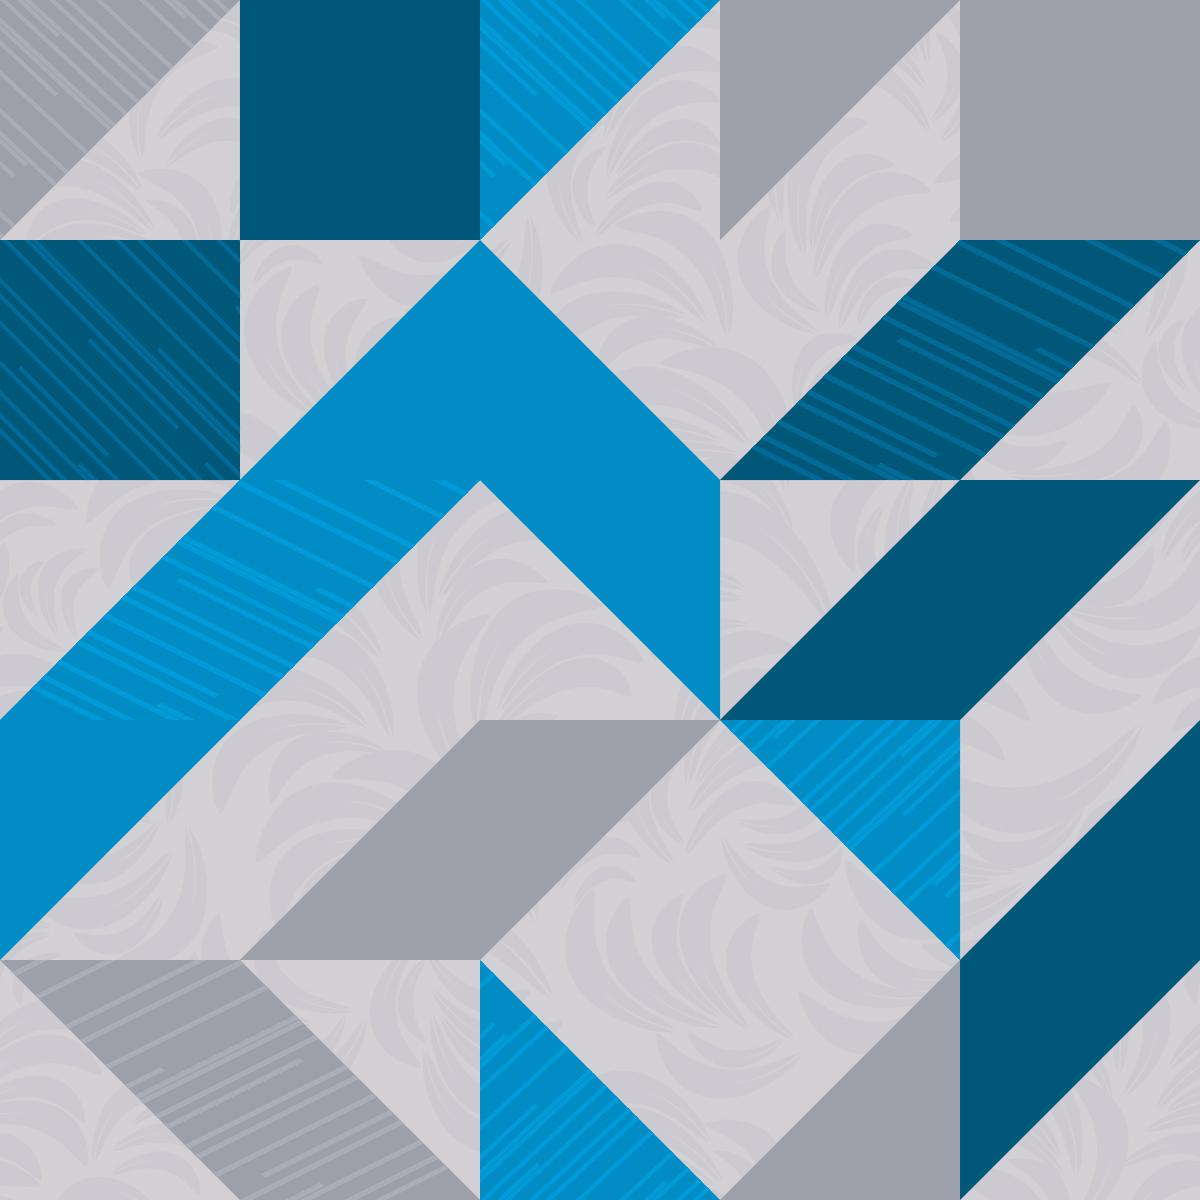 Papel de Parede Geométrico Abstrato Adesivo